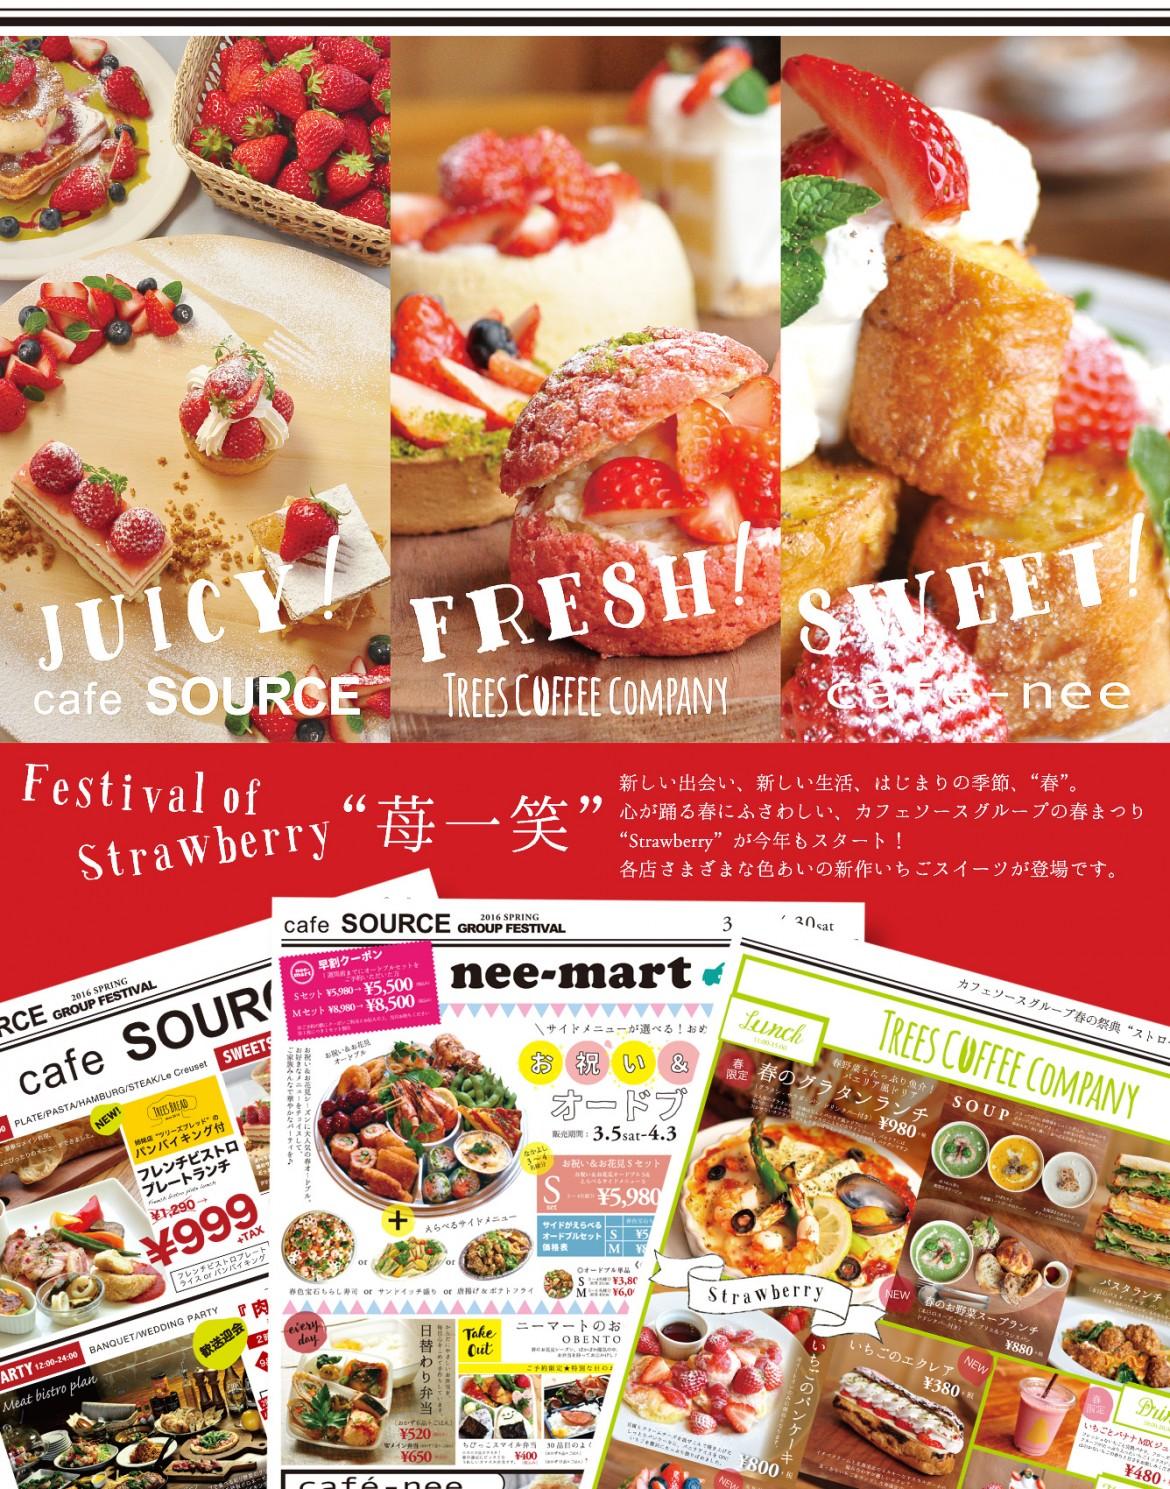 鳥取カフェソースグループのストロベリーフェア:cafe SOURCE + TREES COFFEE COMPANY + cafe-nee